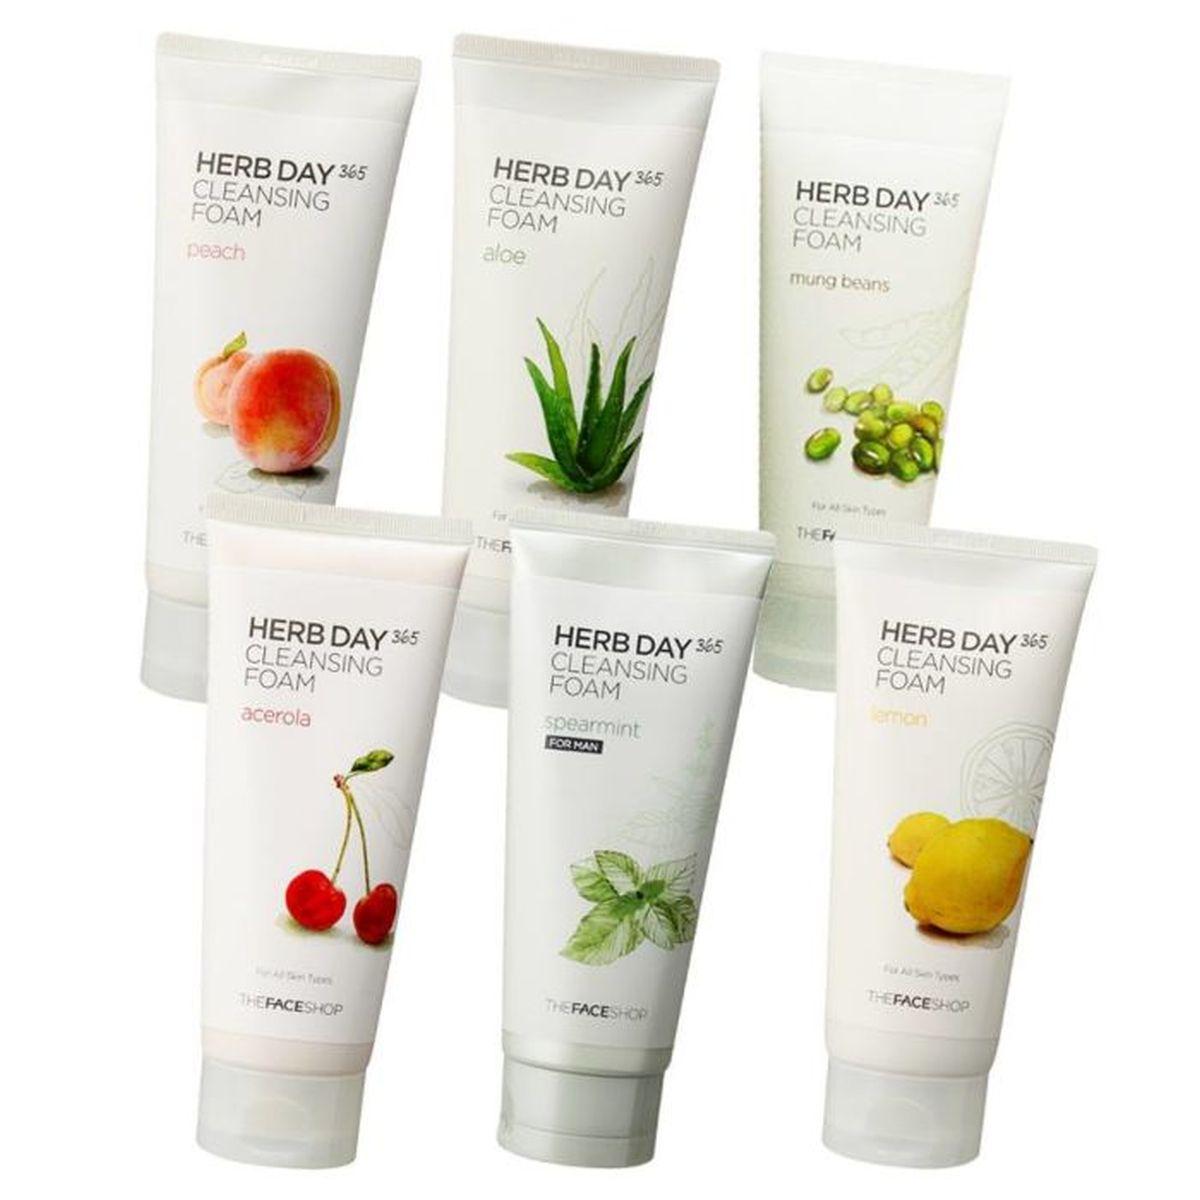 Пенка для умывания The Face Shop Herb Day 365 Cleansing Foam - 170 мл